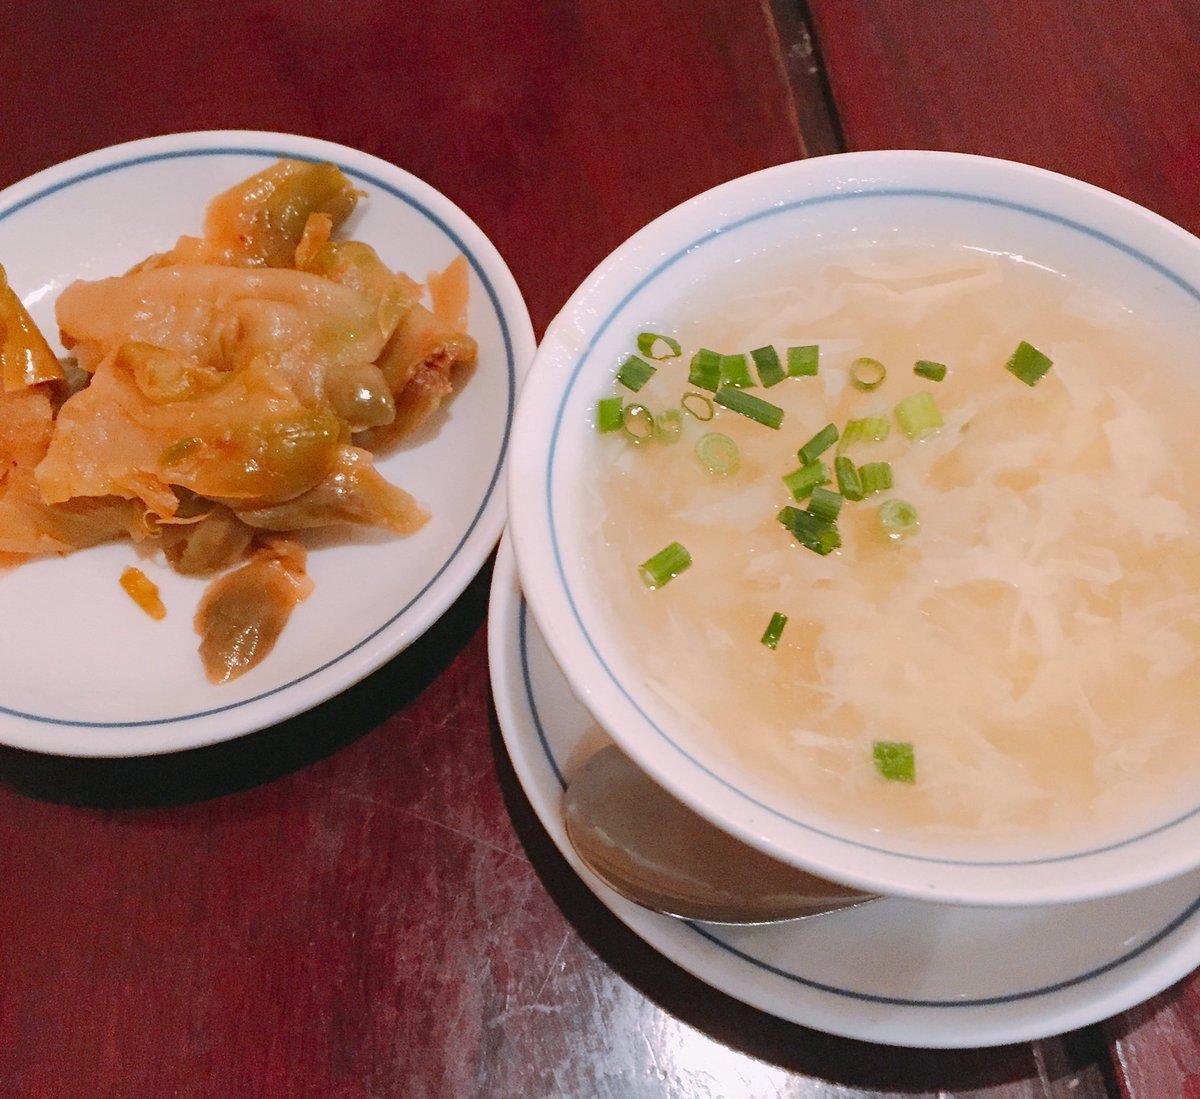 麻婆豆腐 hashtag on Twitter